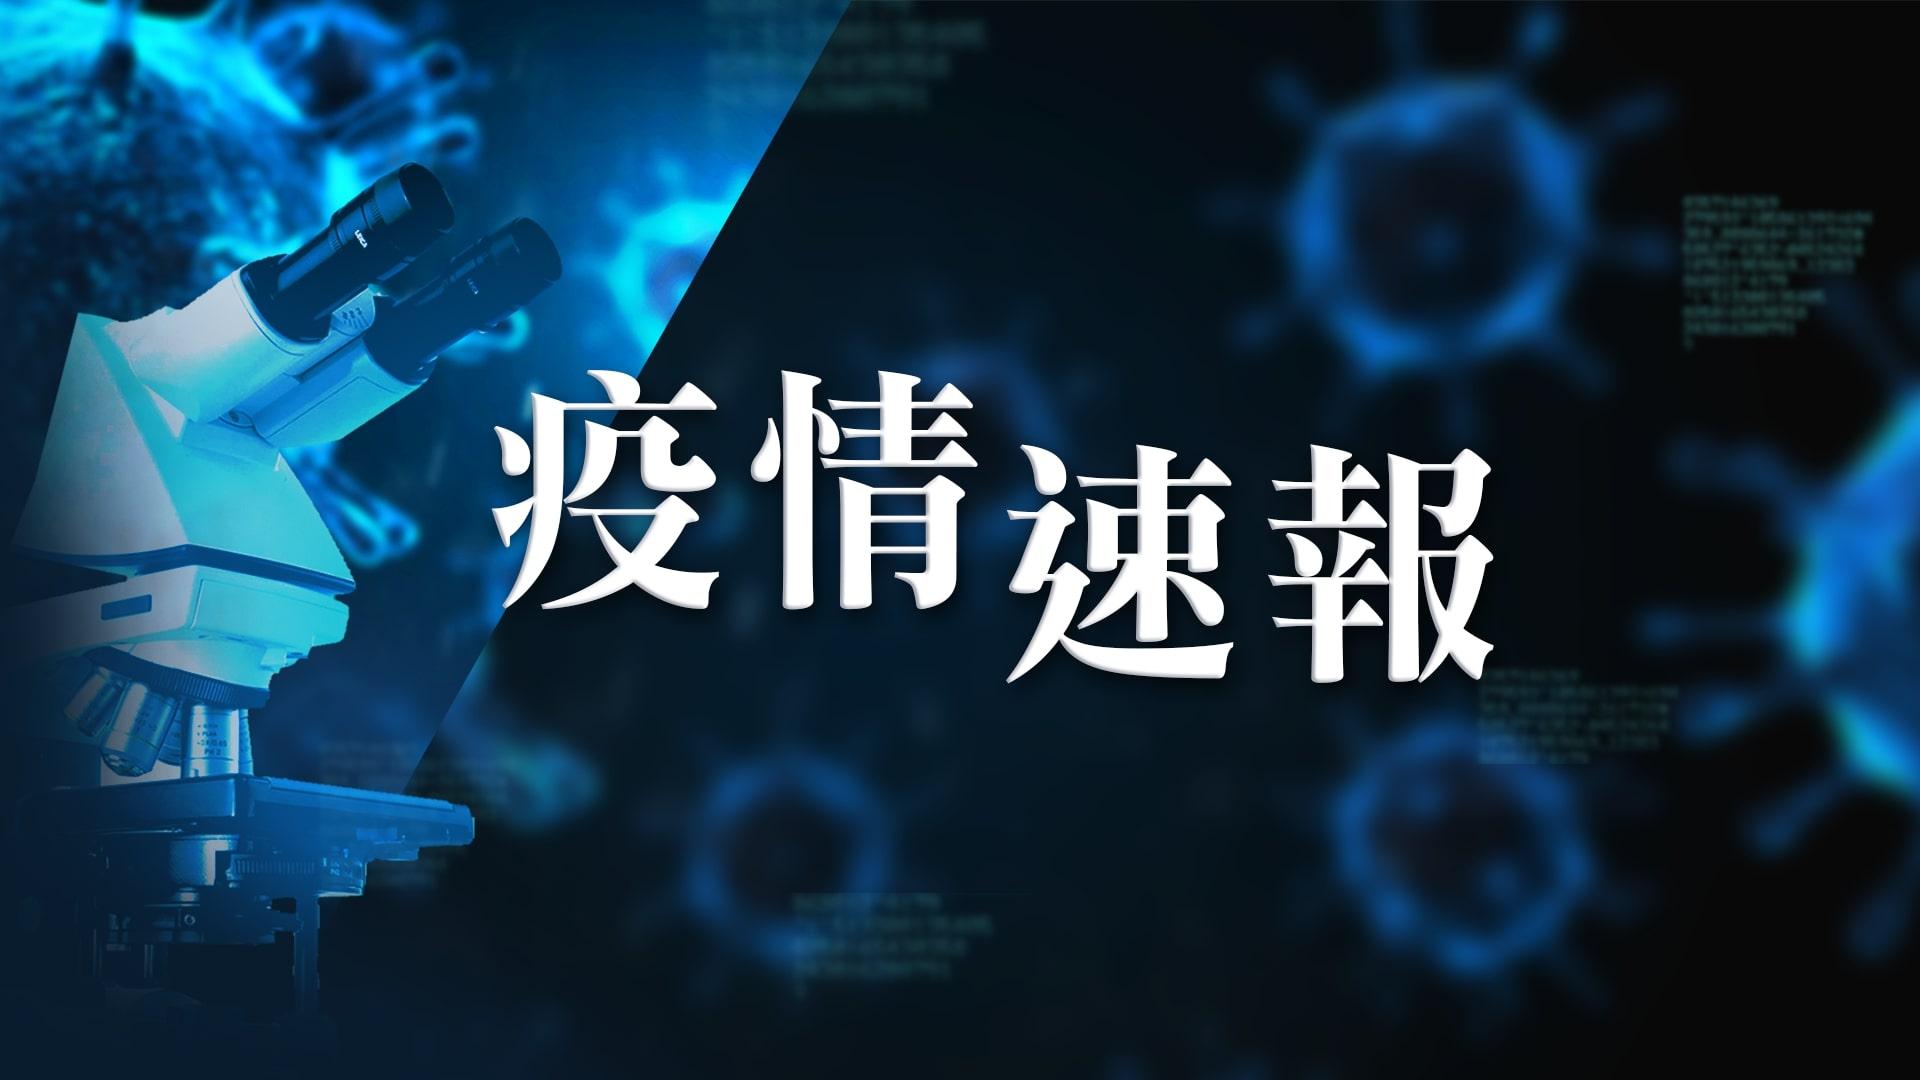 【2月17日疫情速報】(11:30)